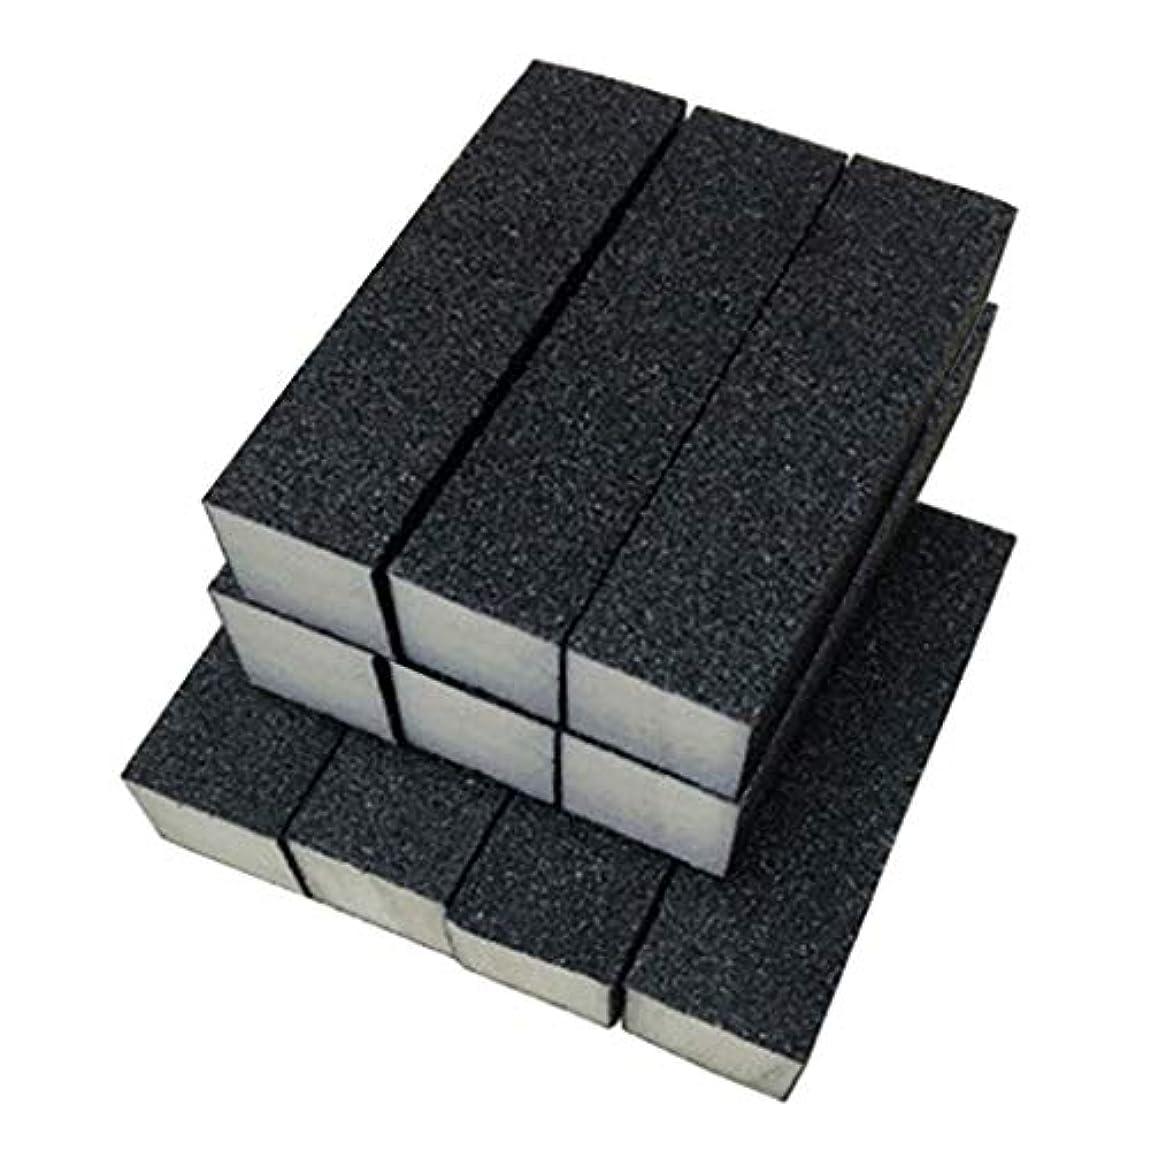 苦樹木共役Toygogo 10ピース/個ブラックバッファーサンディングブロックファイル、グリットマニキュアネイルアートのヒントツール、プロのサロンや家庭での使用に適しています